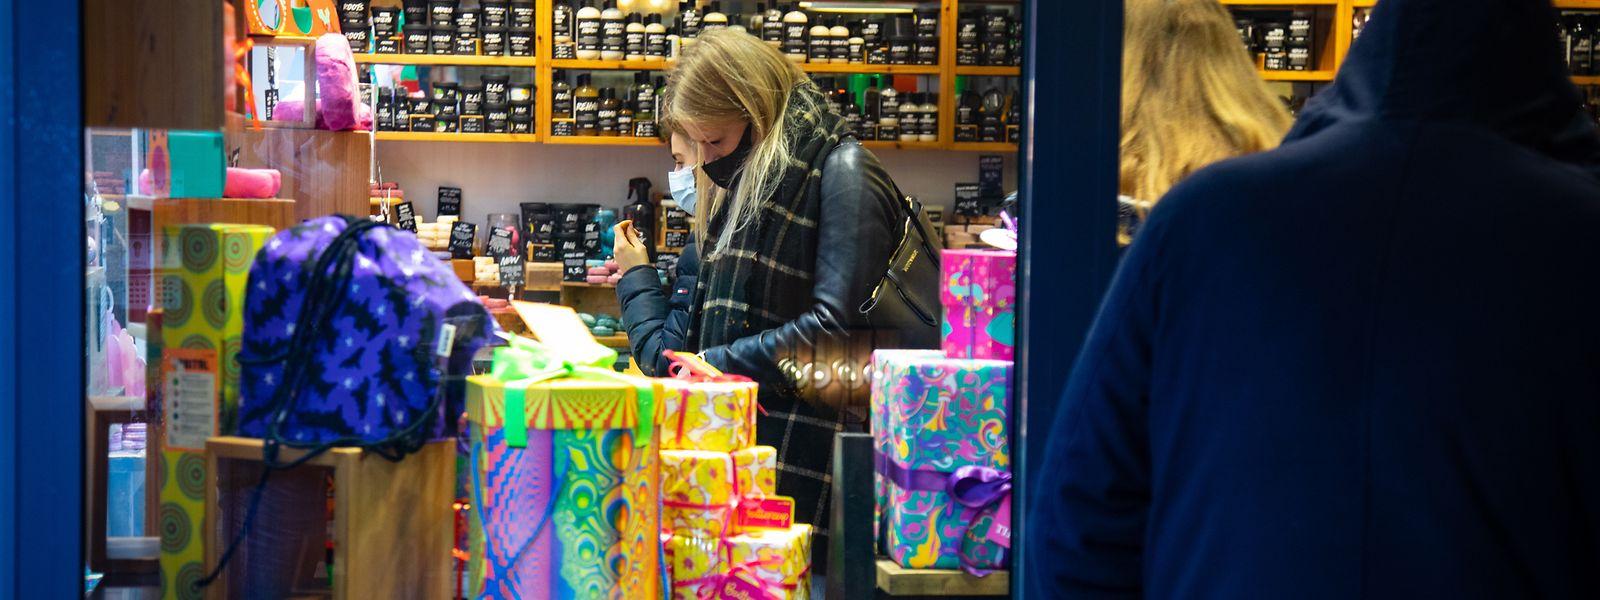 Beaucoup de Belges et Français traversent la frontière pour faire leurs achats de Noël, constatent les vendeurs.